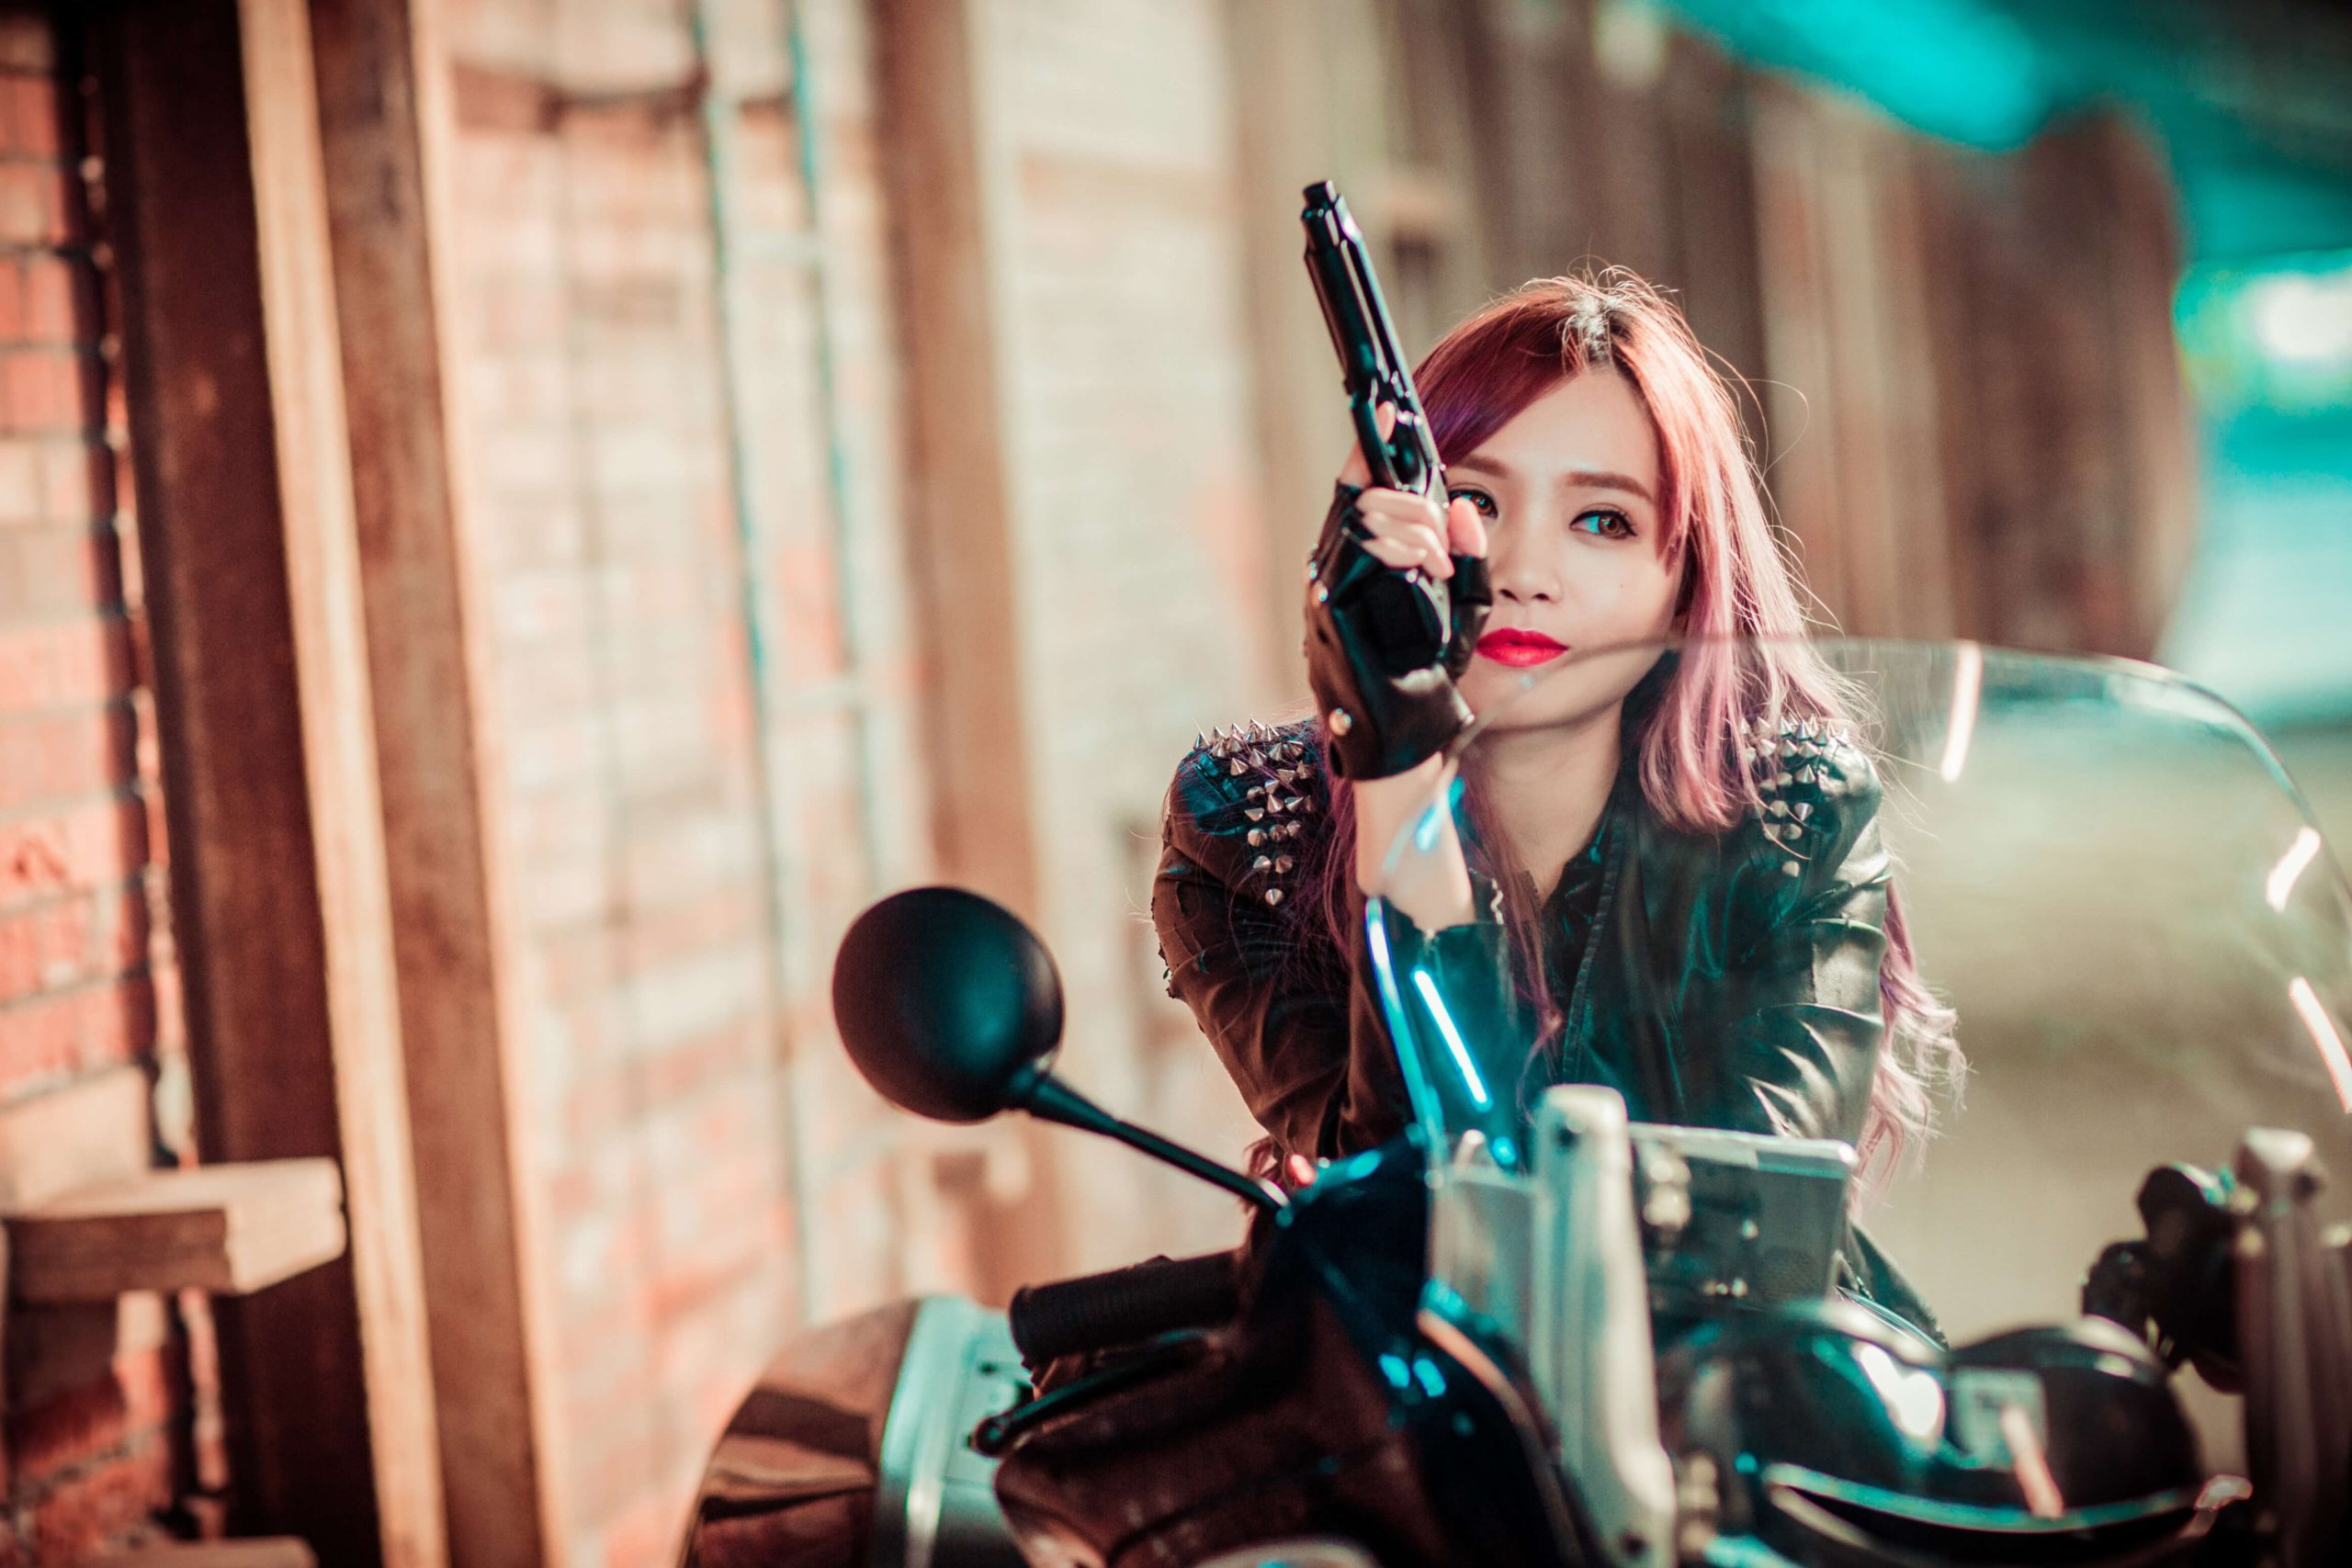 バイクにもたれる美女